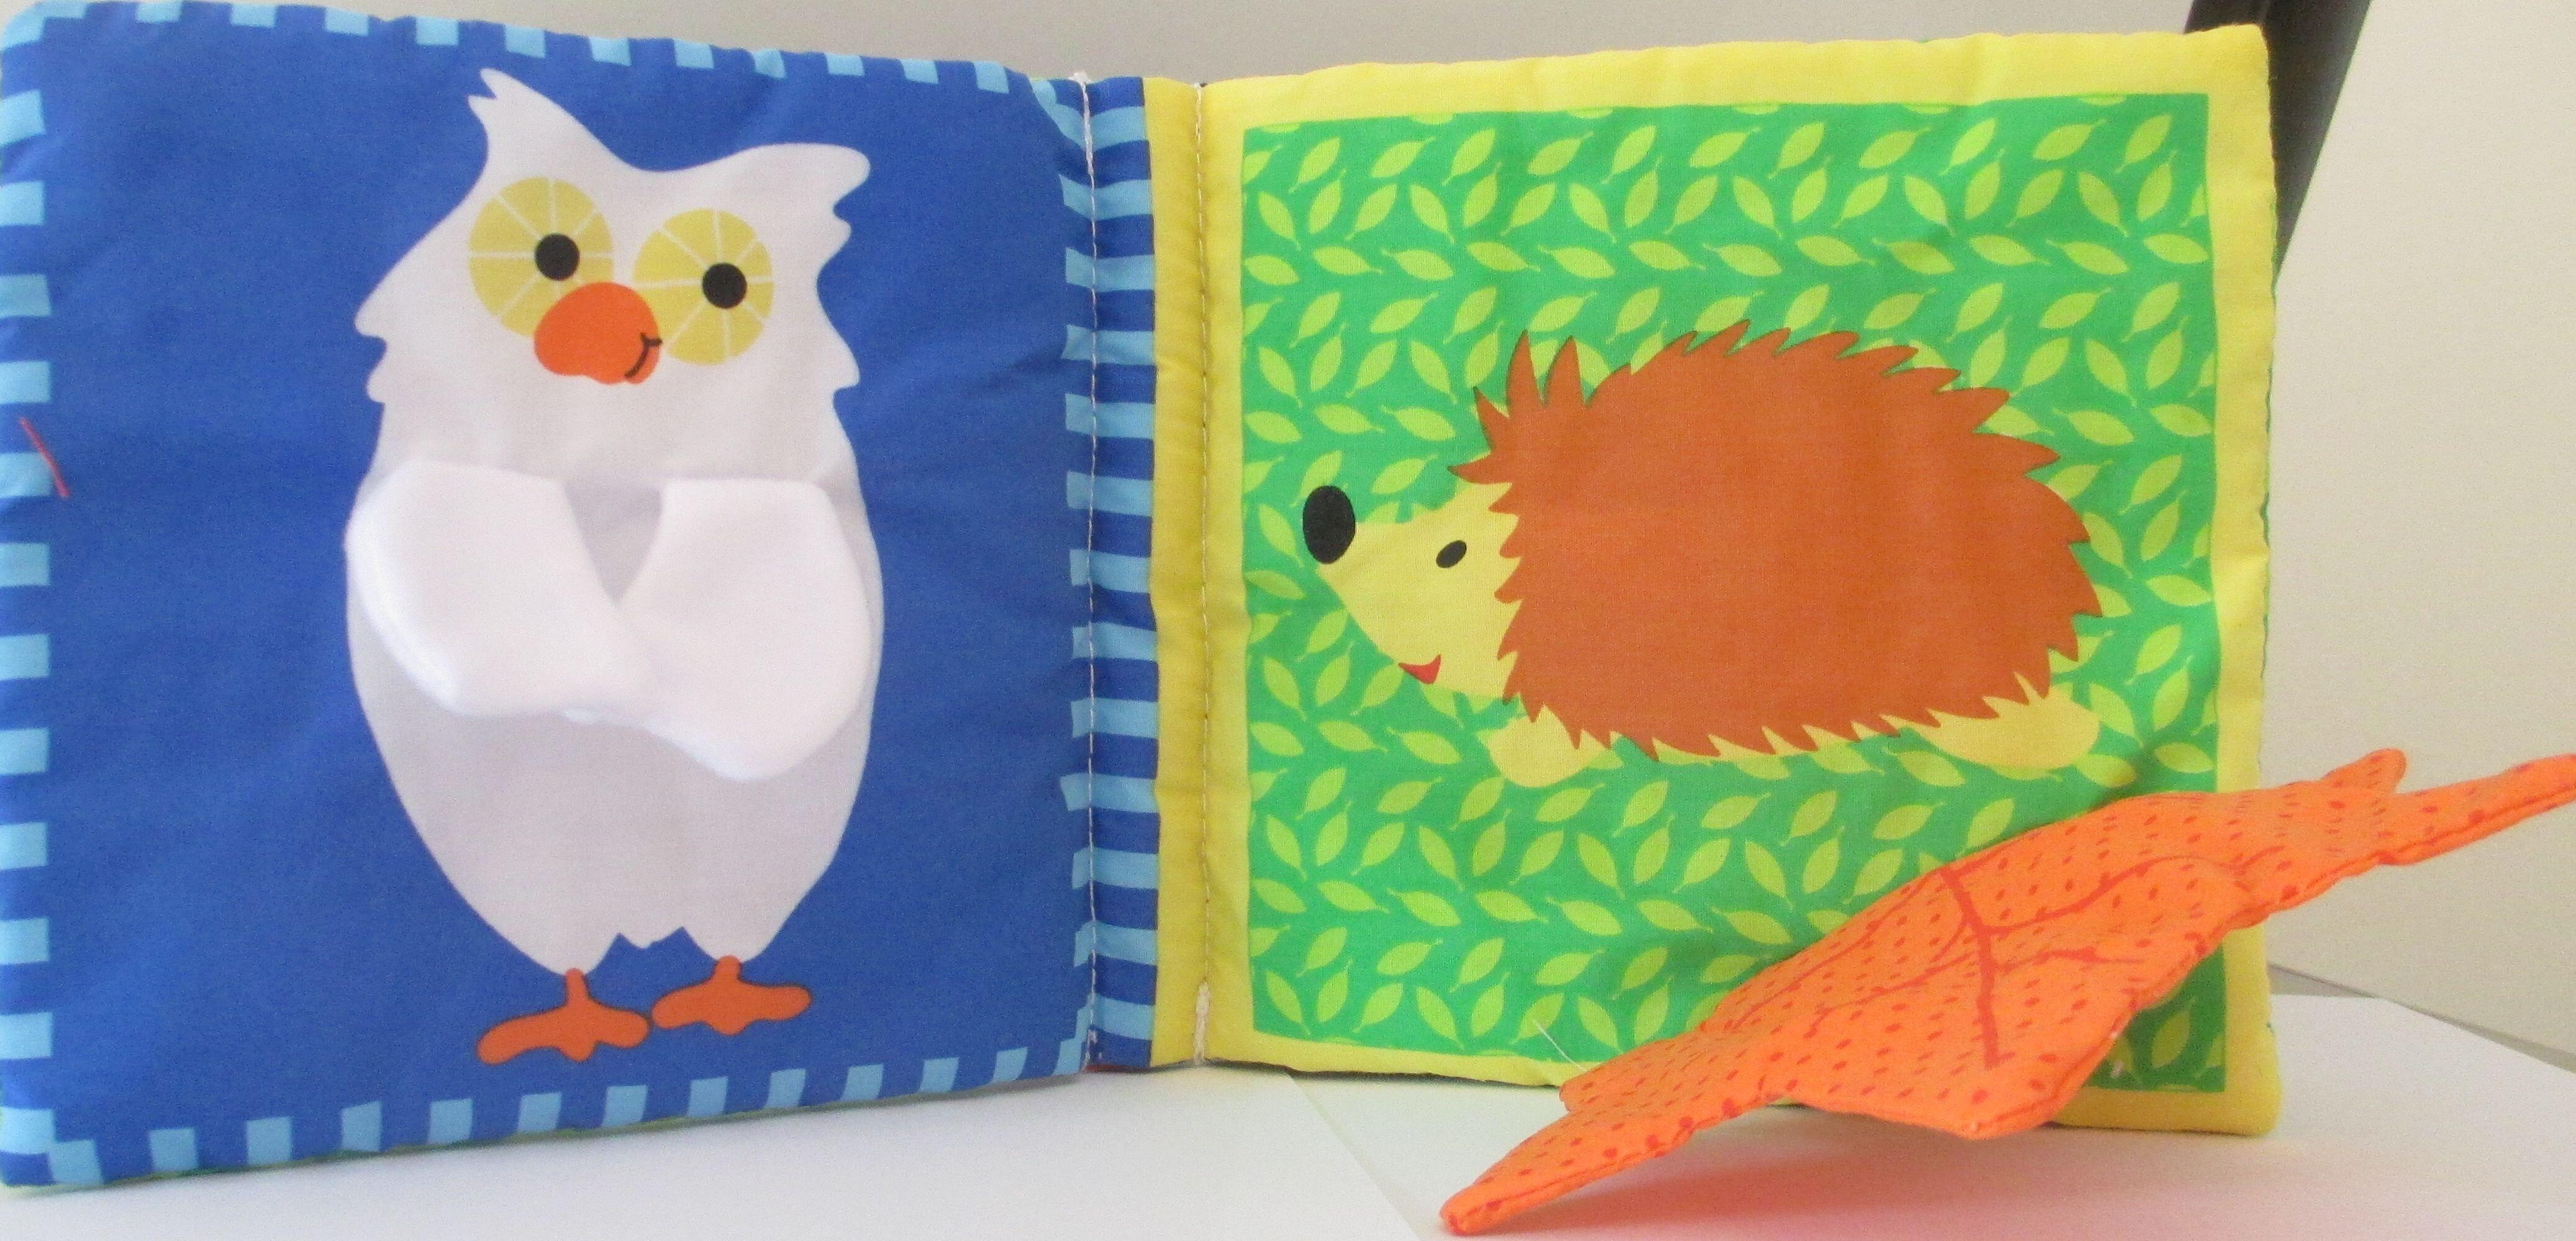 Il libro del beb scoiattolo ediz illustrata for Classica stoffa inglese